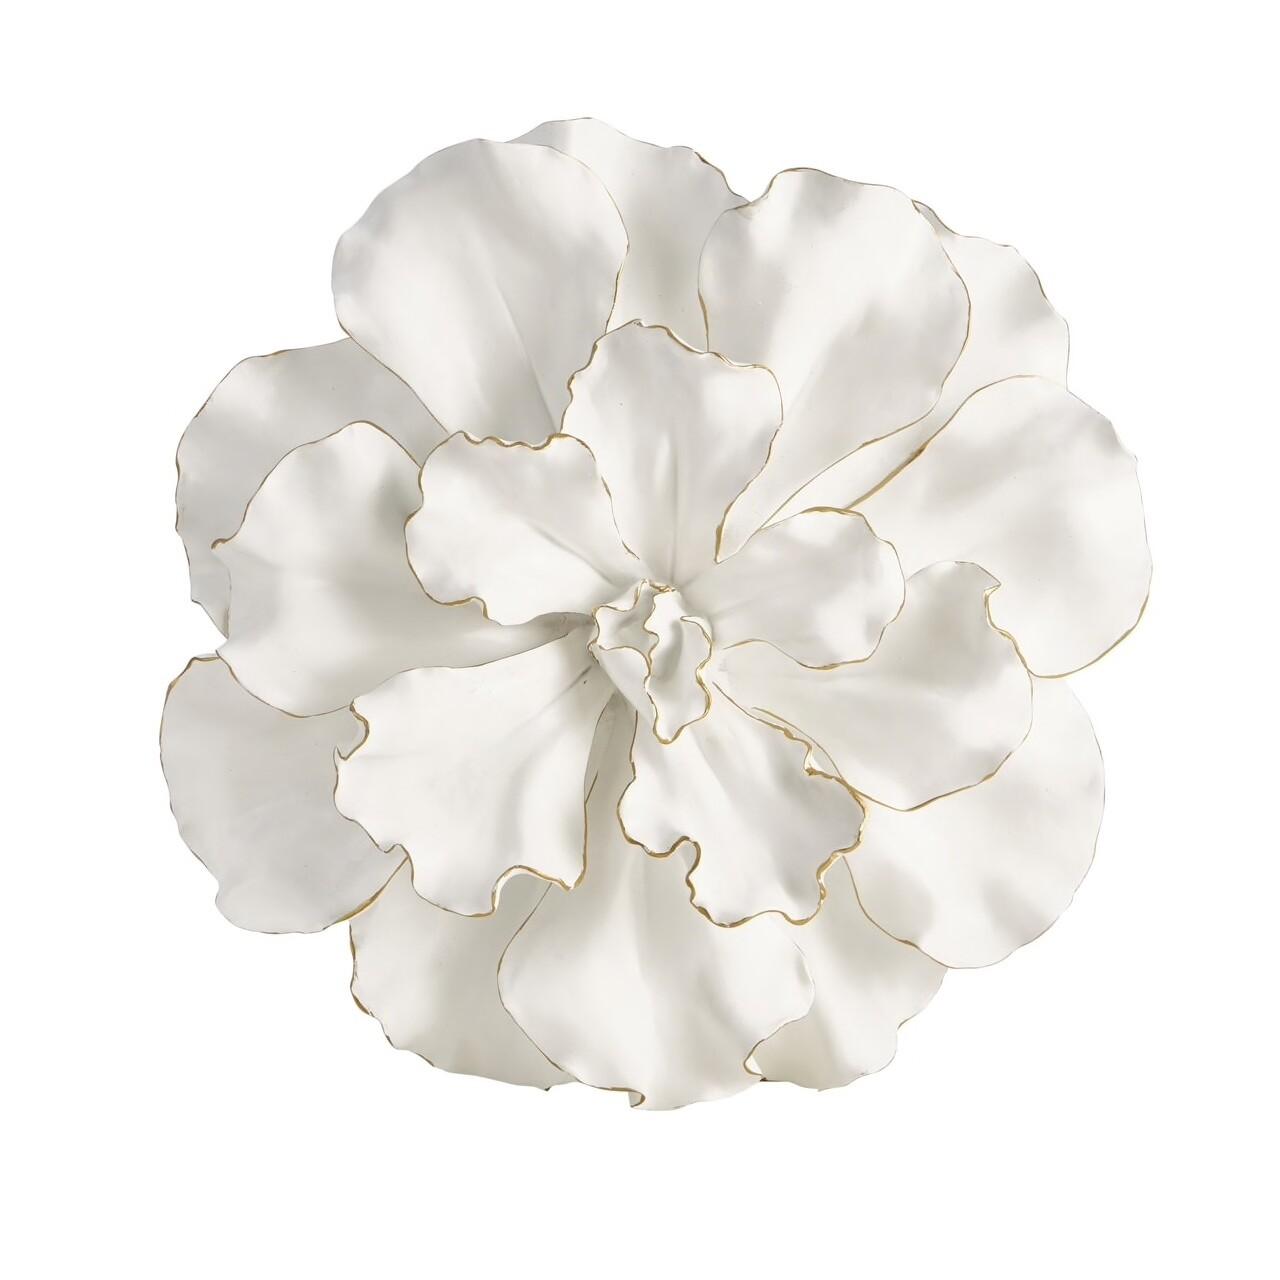 SB White/Gold Wall Flower